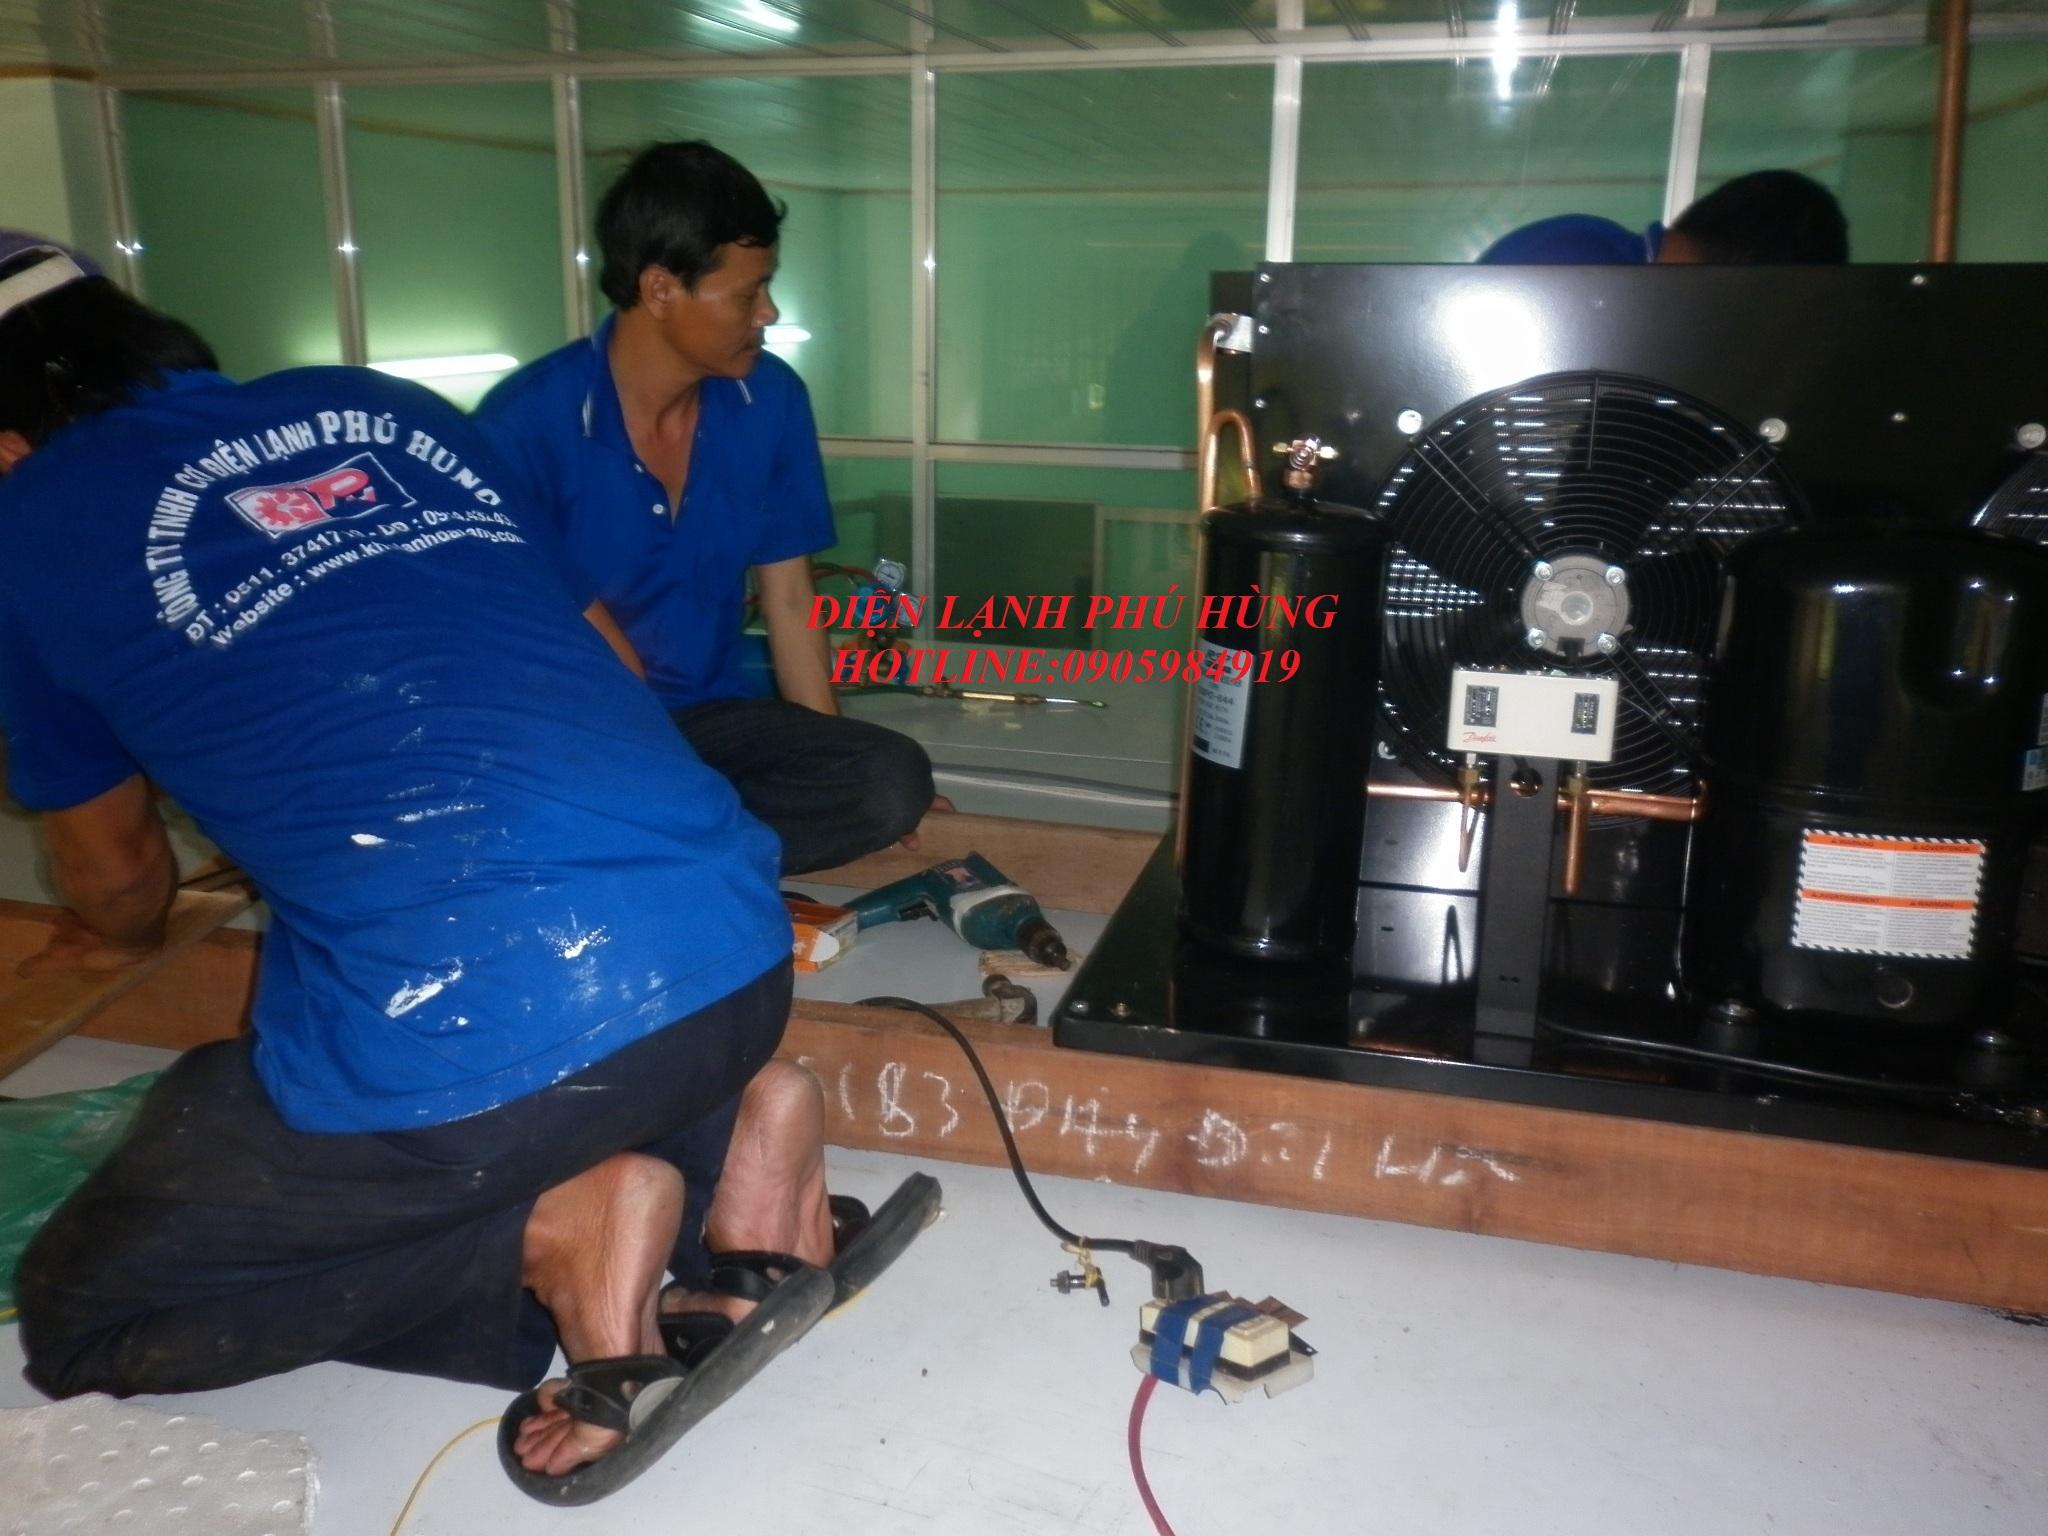 tt7 - Kho lanh bảo quản sữa vinamilk - Cty MTV Toàn Thành